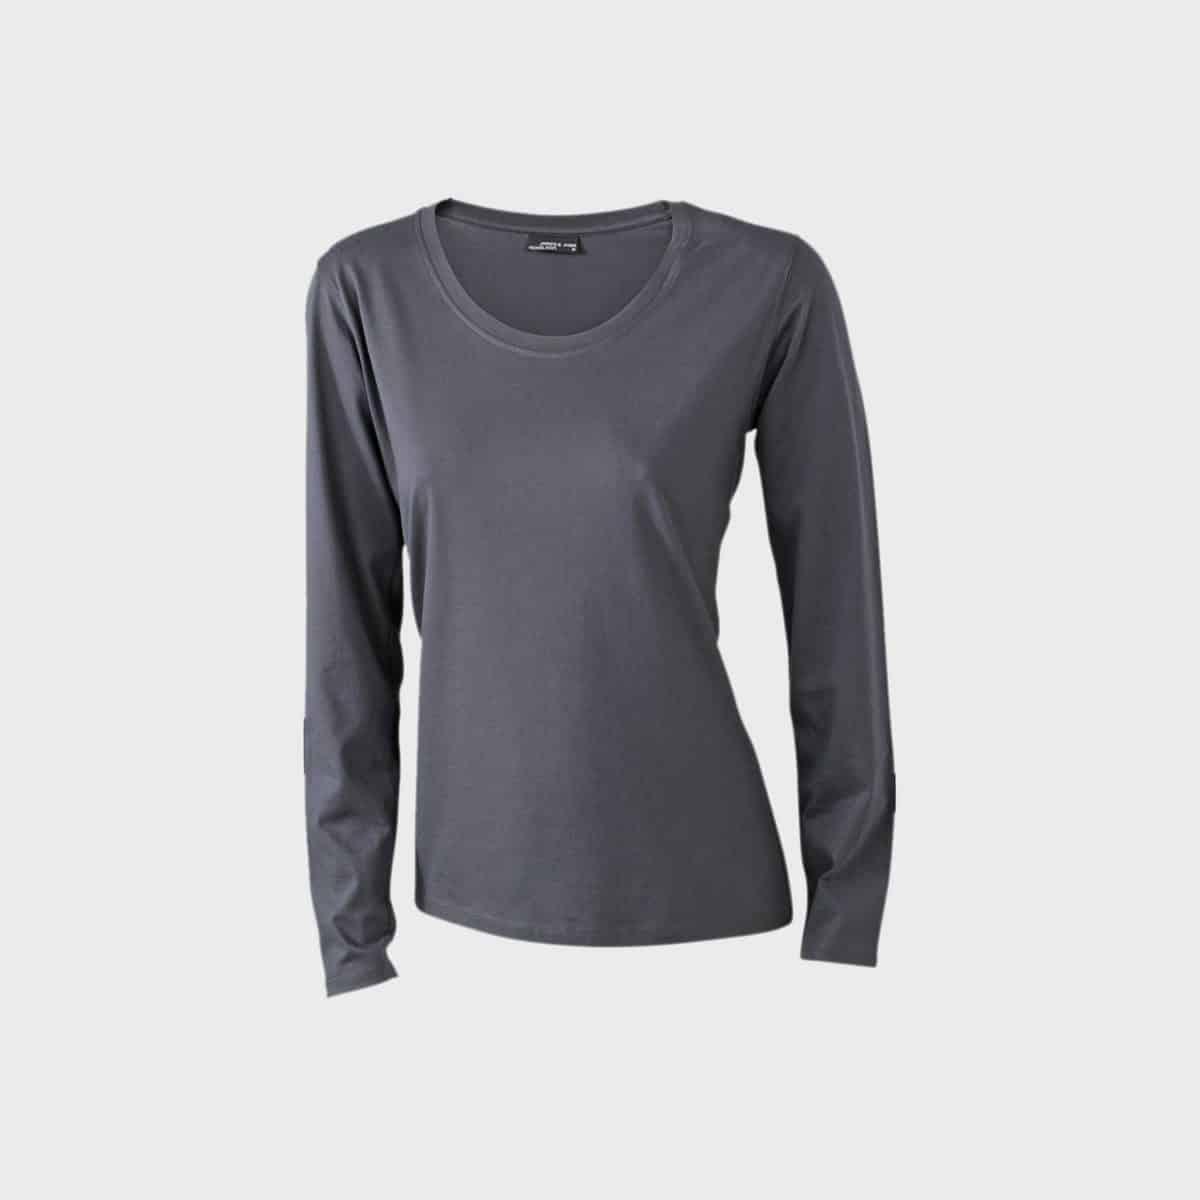 langarm-shirt-cotton-damen-graphite-kaufen-besticken_stickmanufaktur